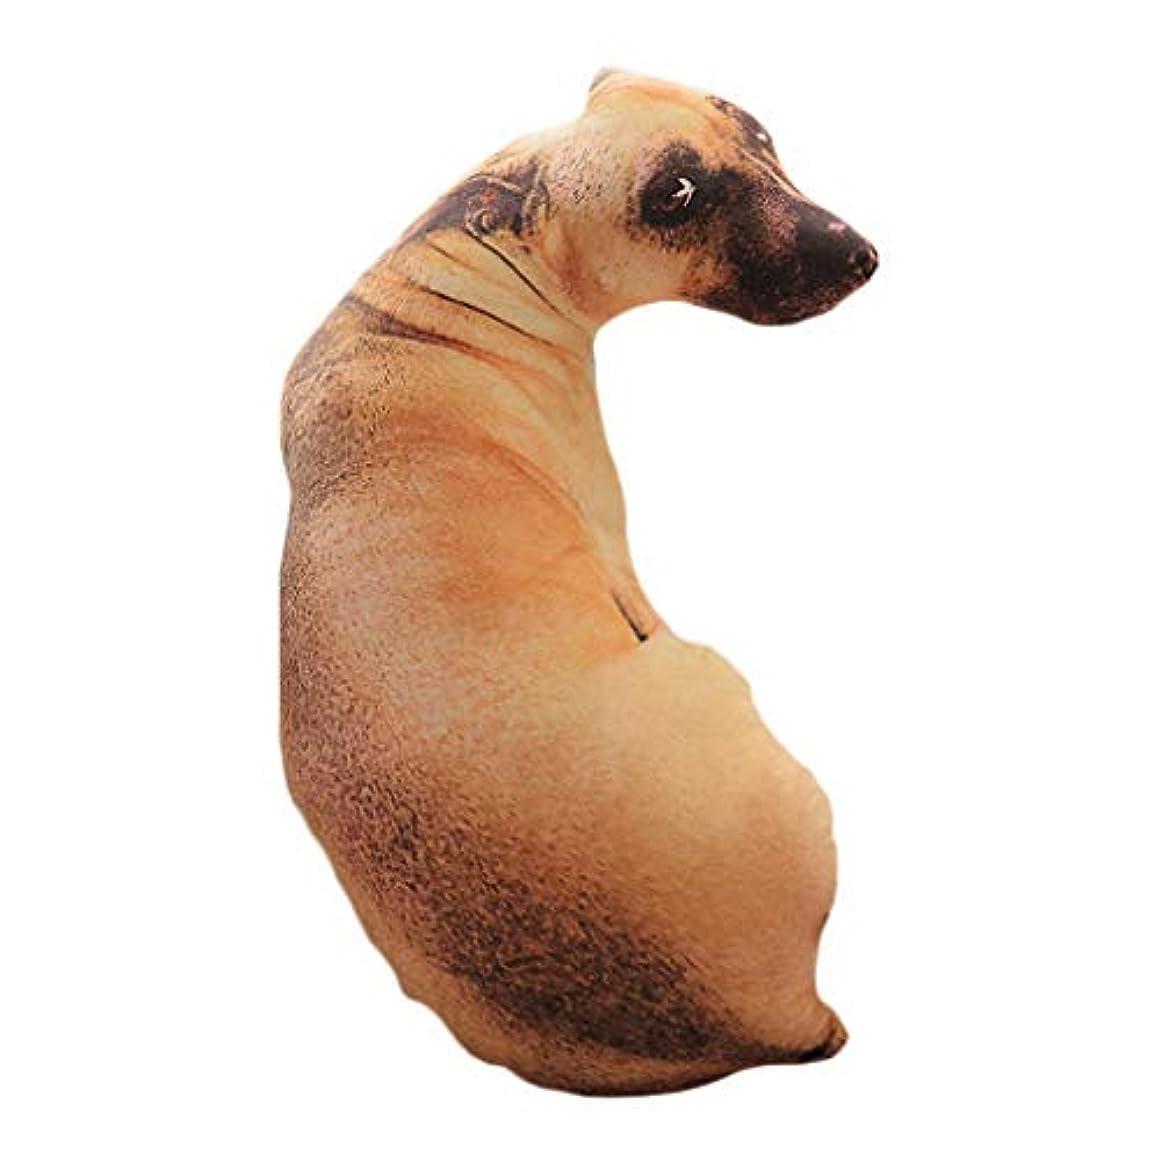 暗くする名詞協定LIFE 装飾クッションソファおかしい 3D 犬印刷スロー枕創造クッションかわいいぬいぐるみギフト家の装飾 coussin decoratif クッション 椅子